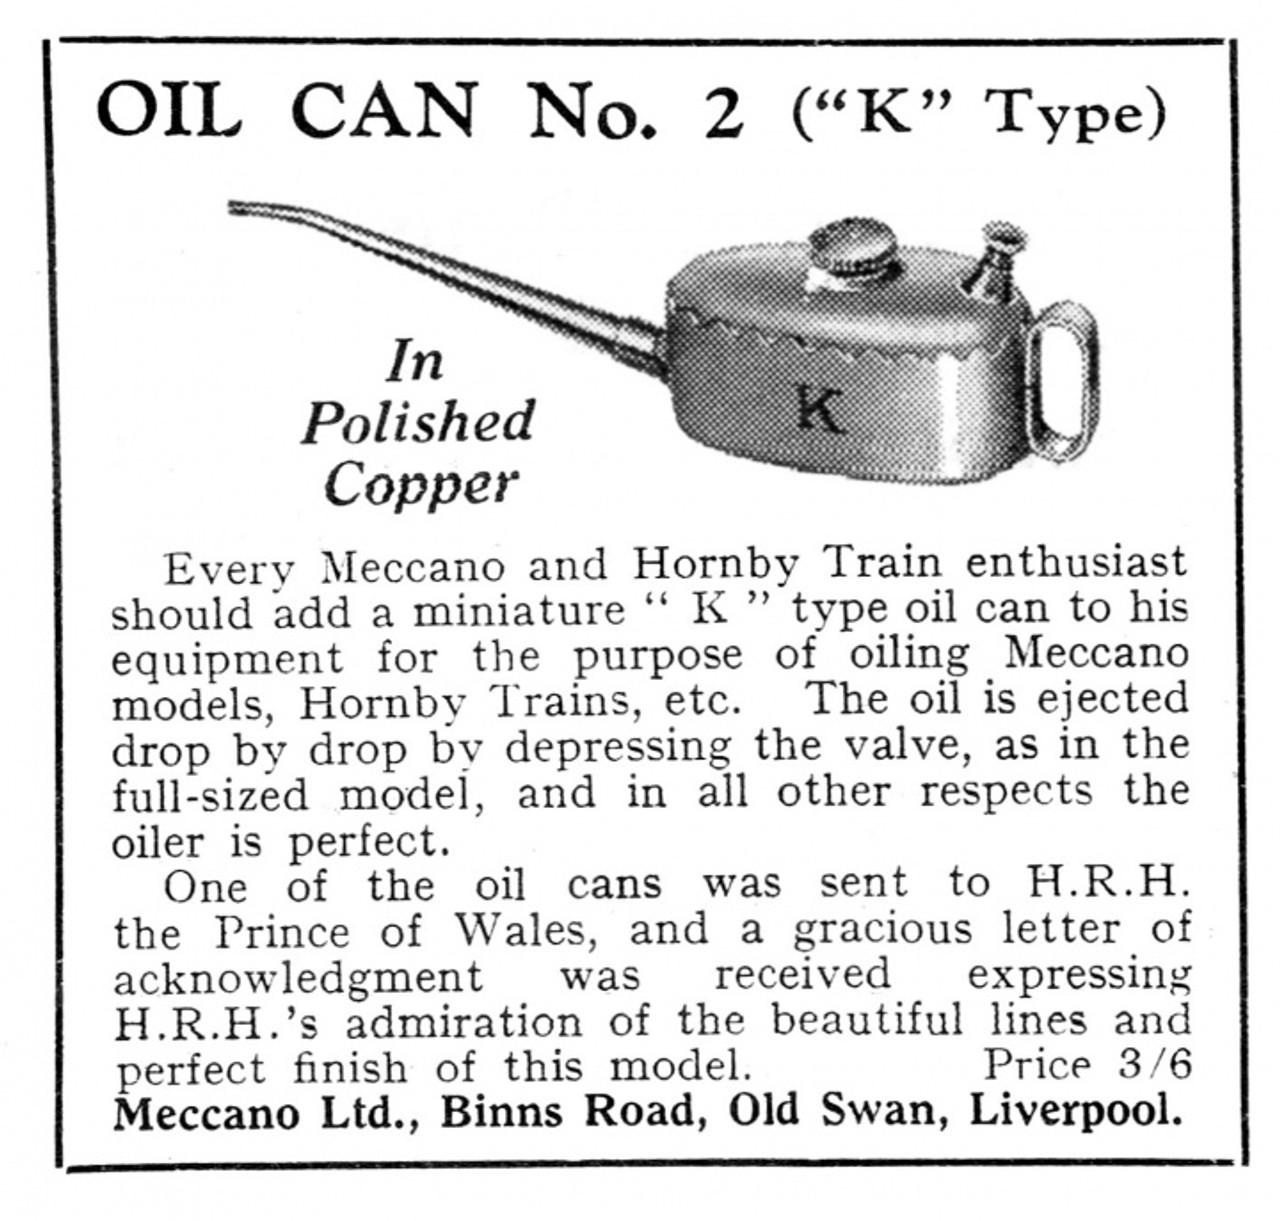 VT 4170. 1920s -30s COPPER MECCANO No 2 OIL CAN BY JOSEPH KAYE.